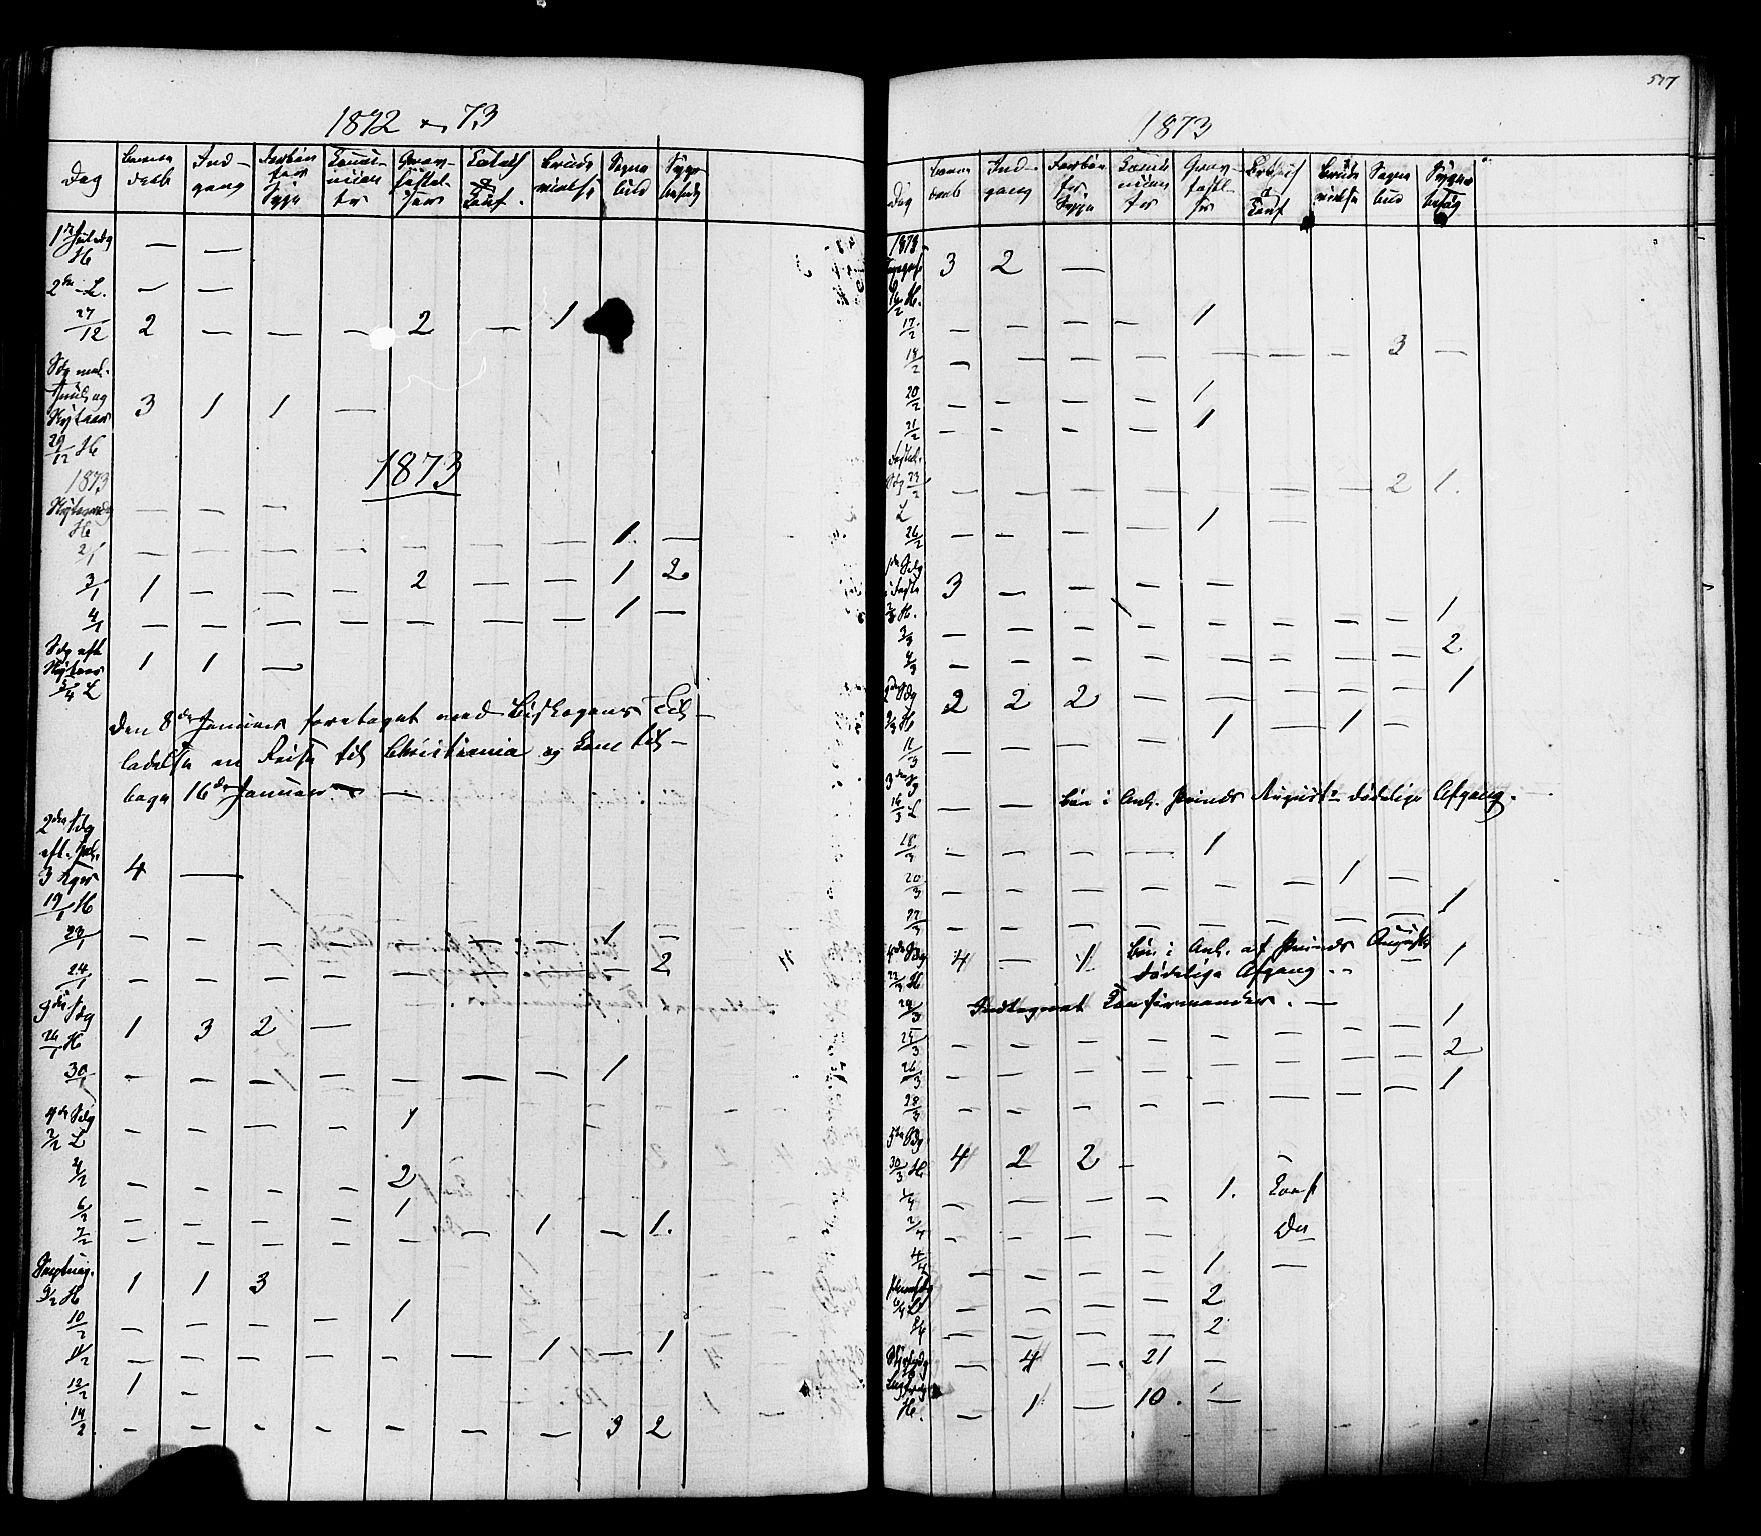 SAKO, Heddal kirkebøker, F/Fa/L0007: Ministerialbok nr. I 7, 1855-1877, s. 527